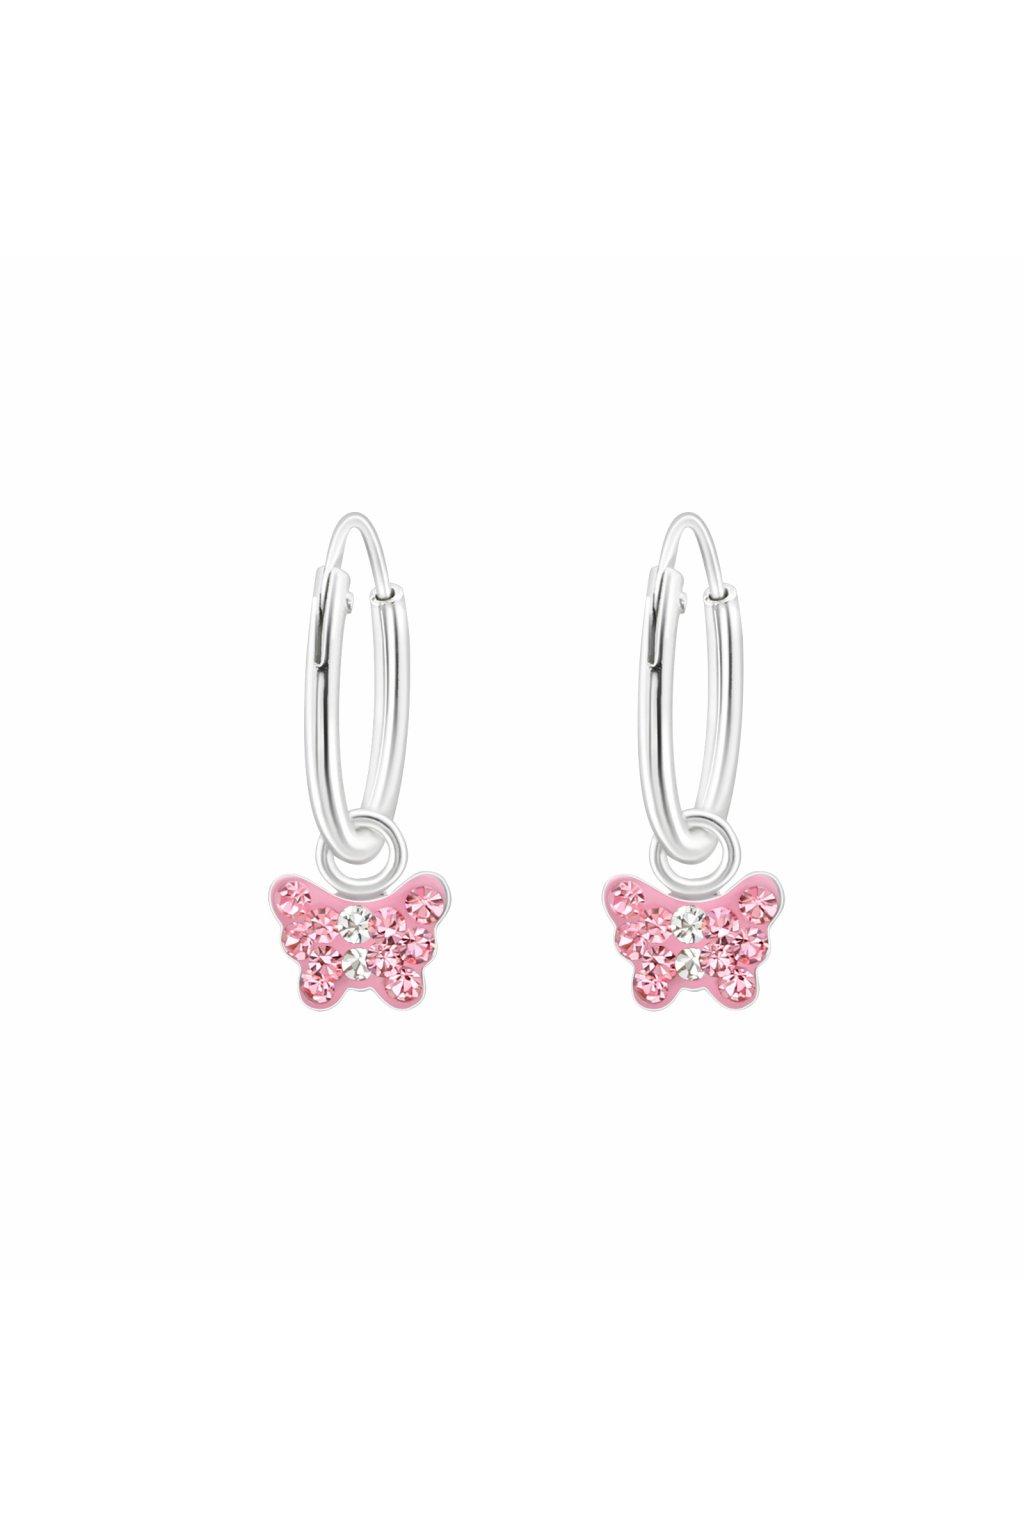 Stříbrné dětské náušnice růžový motýlek s kameny